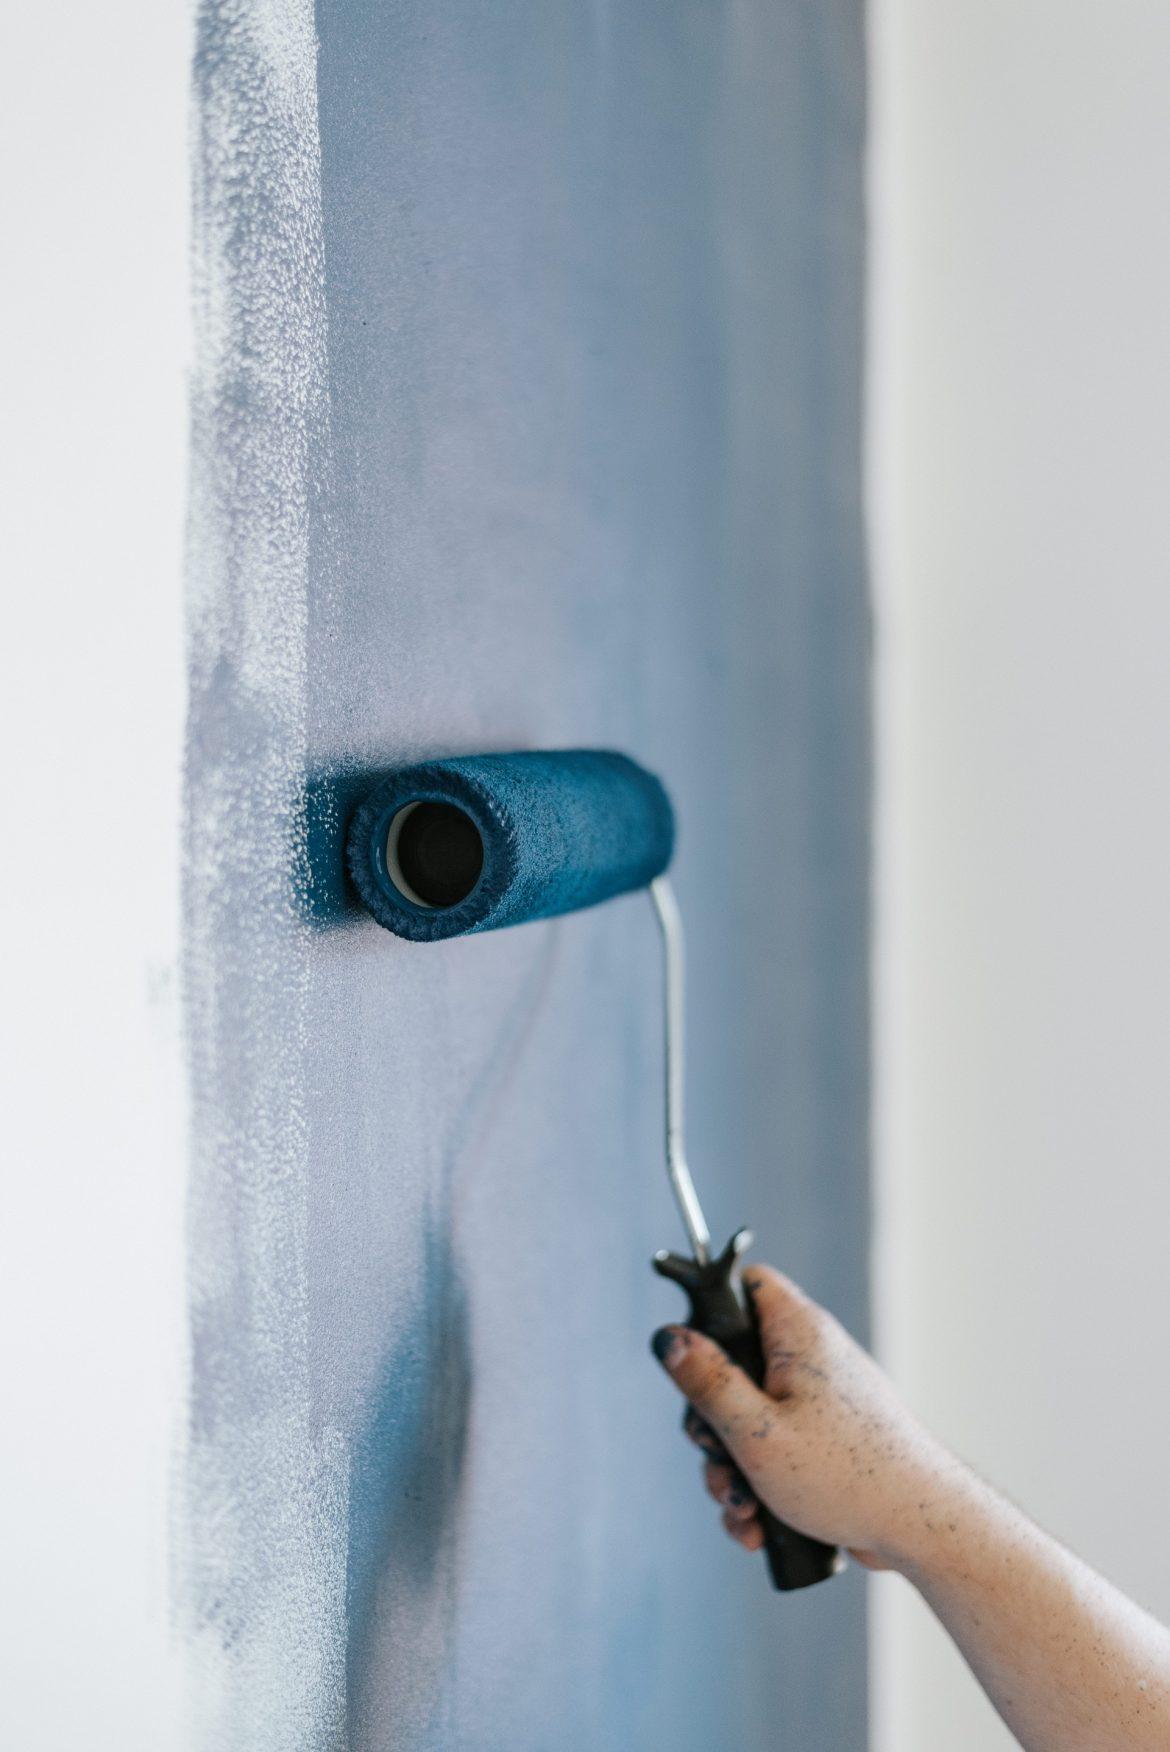 Wałek na ścianie - malowanie